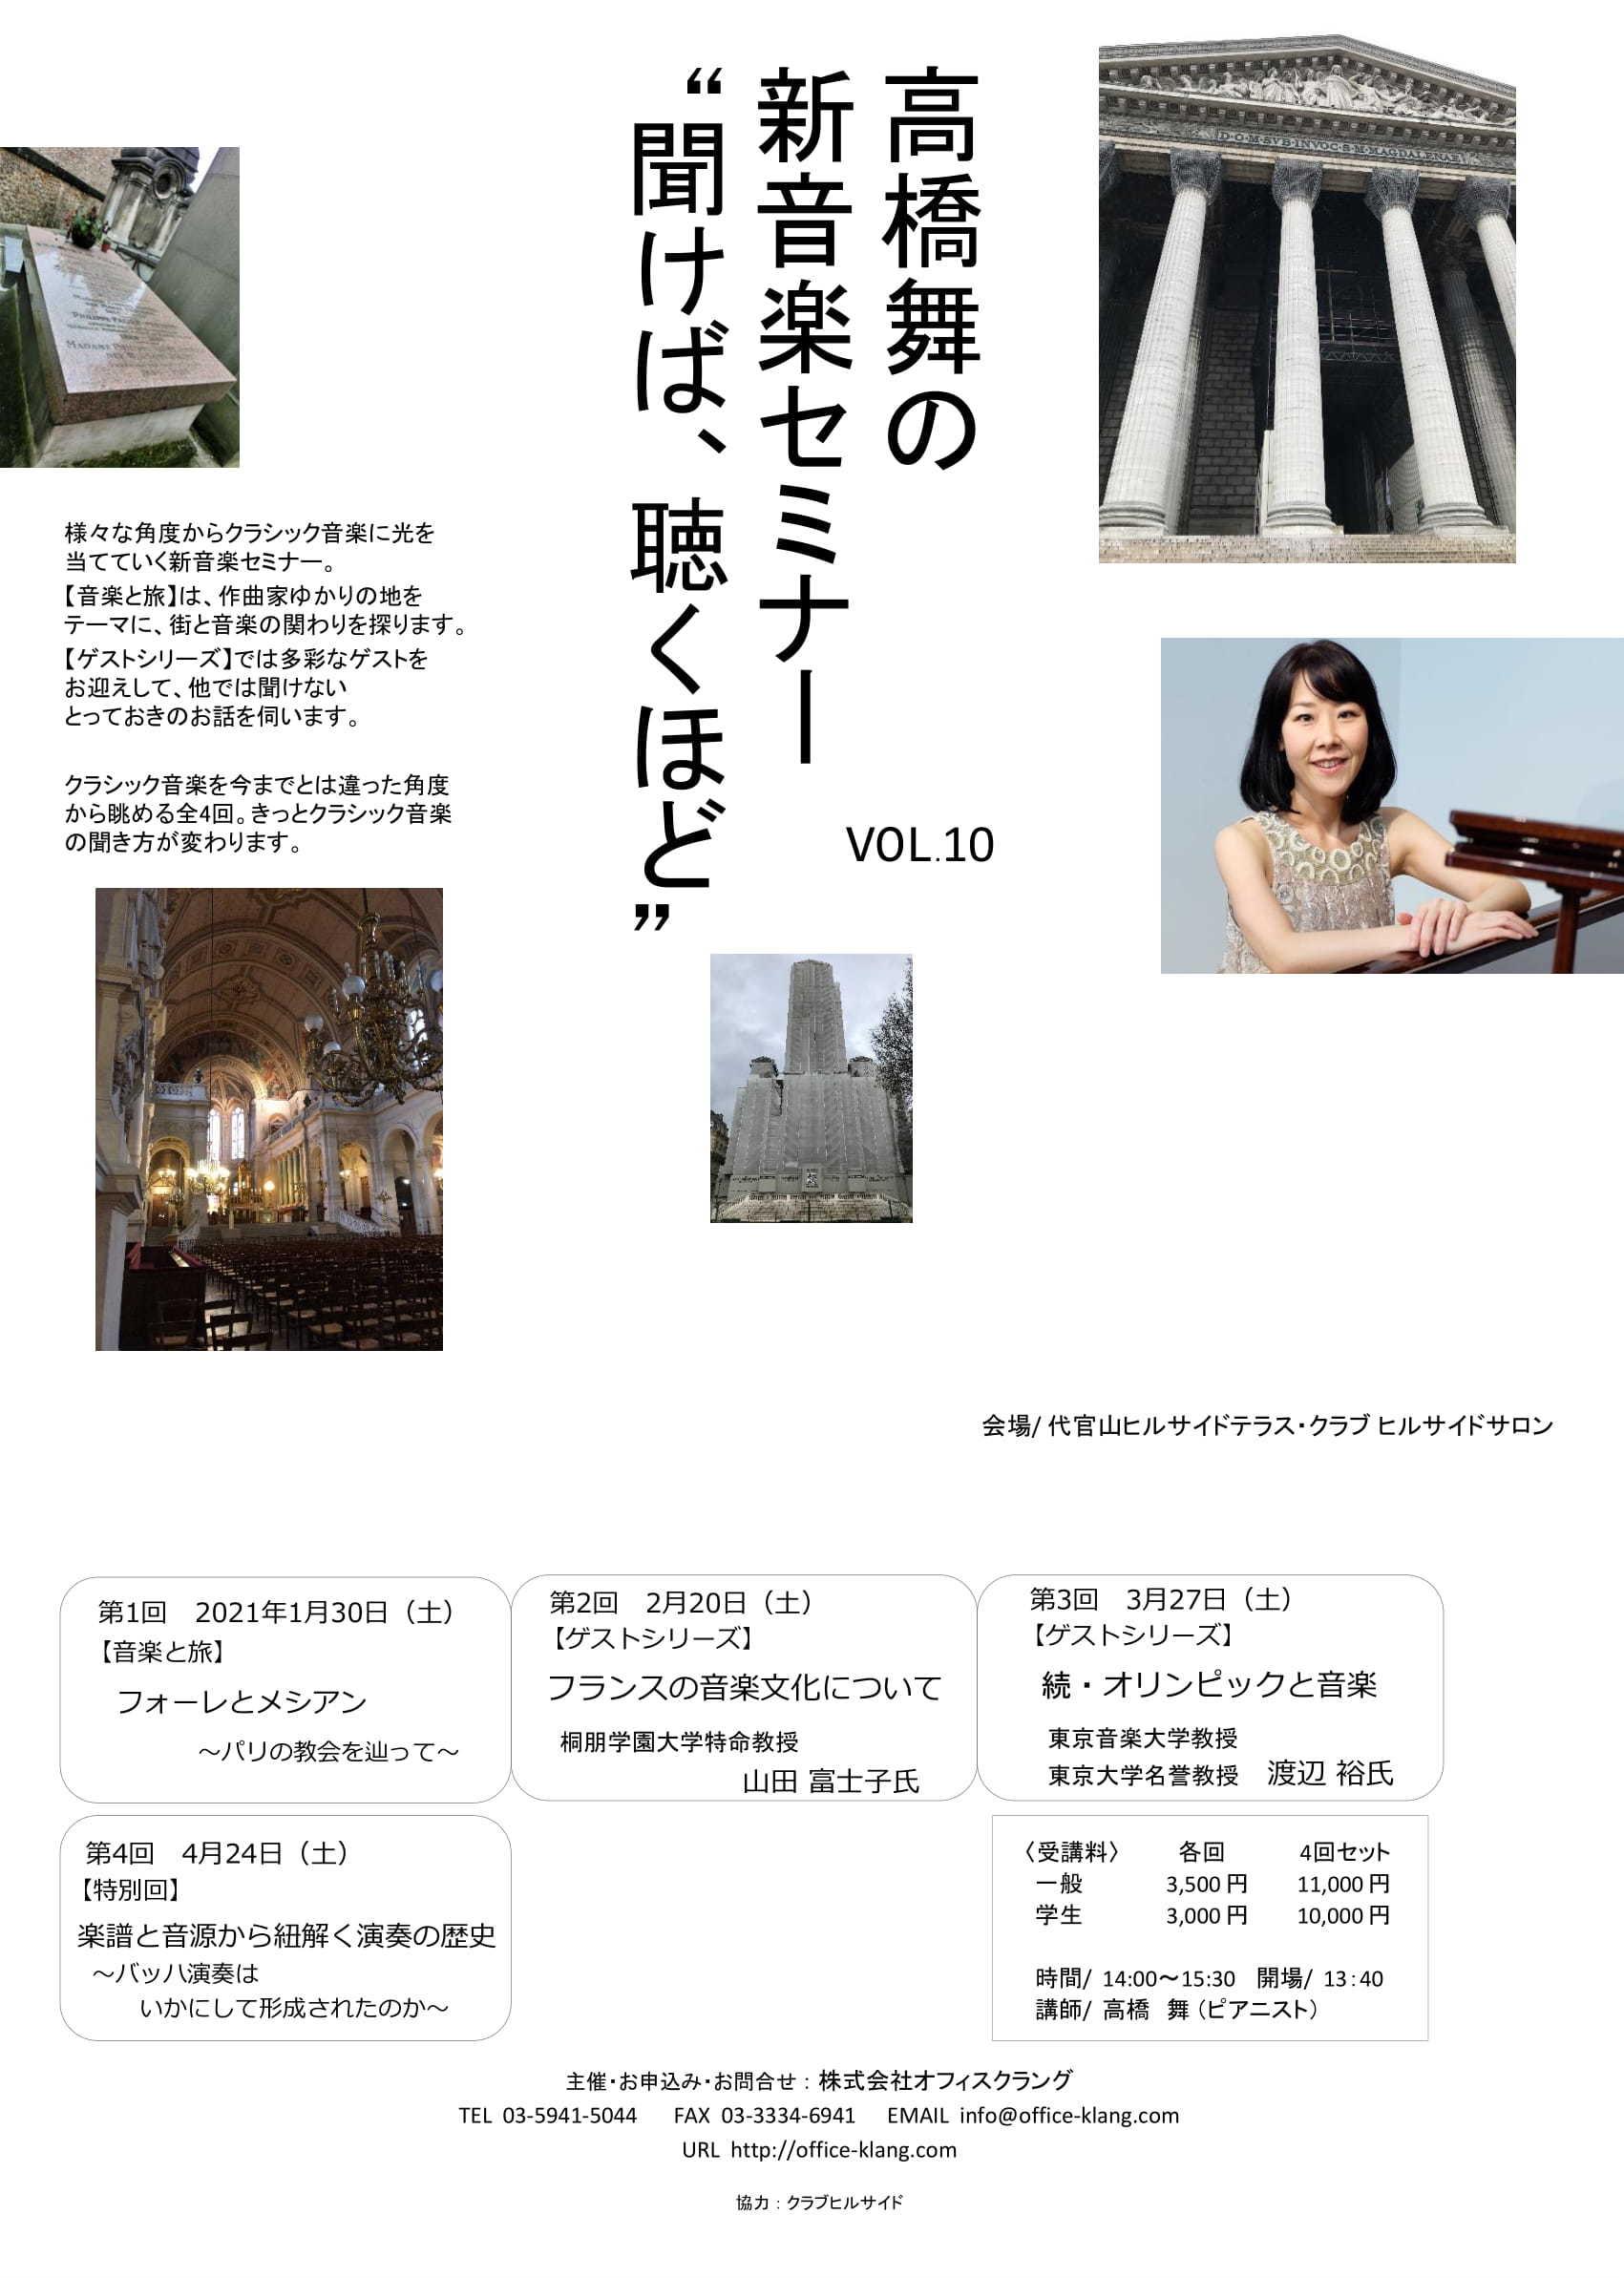 """高橋舞の新音楽セミナー\""""聞けば、聴くほど\""""Vol.10のご案内_f0178060_01421782.jpg"""